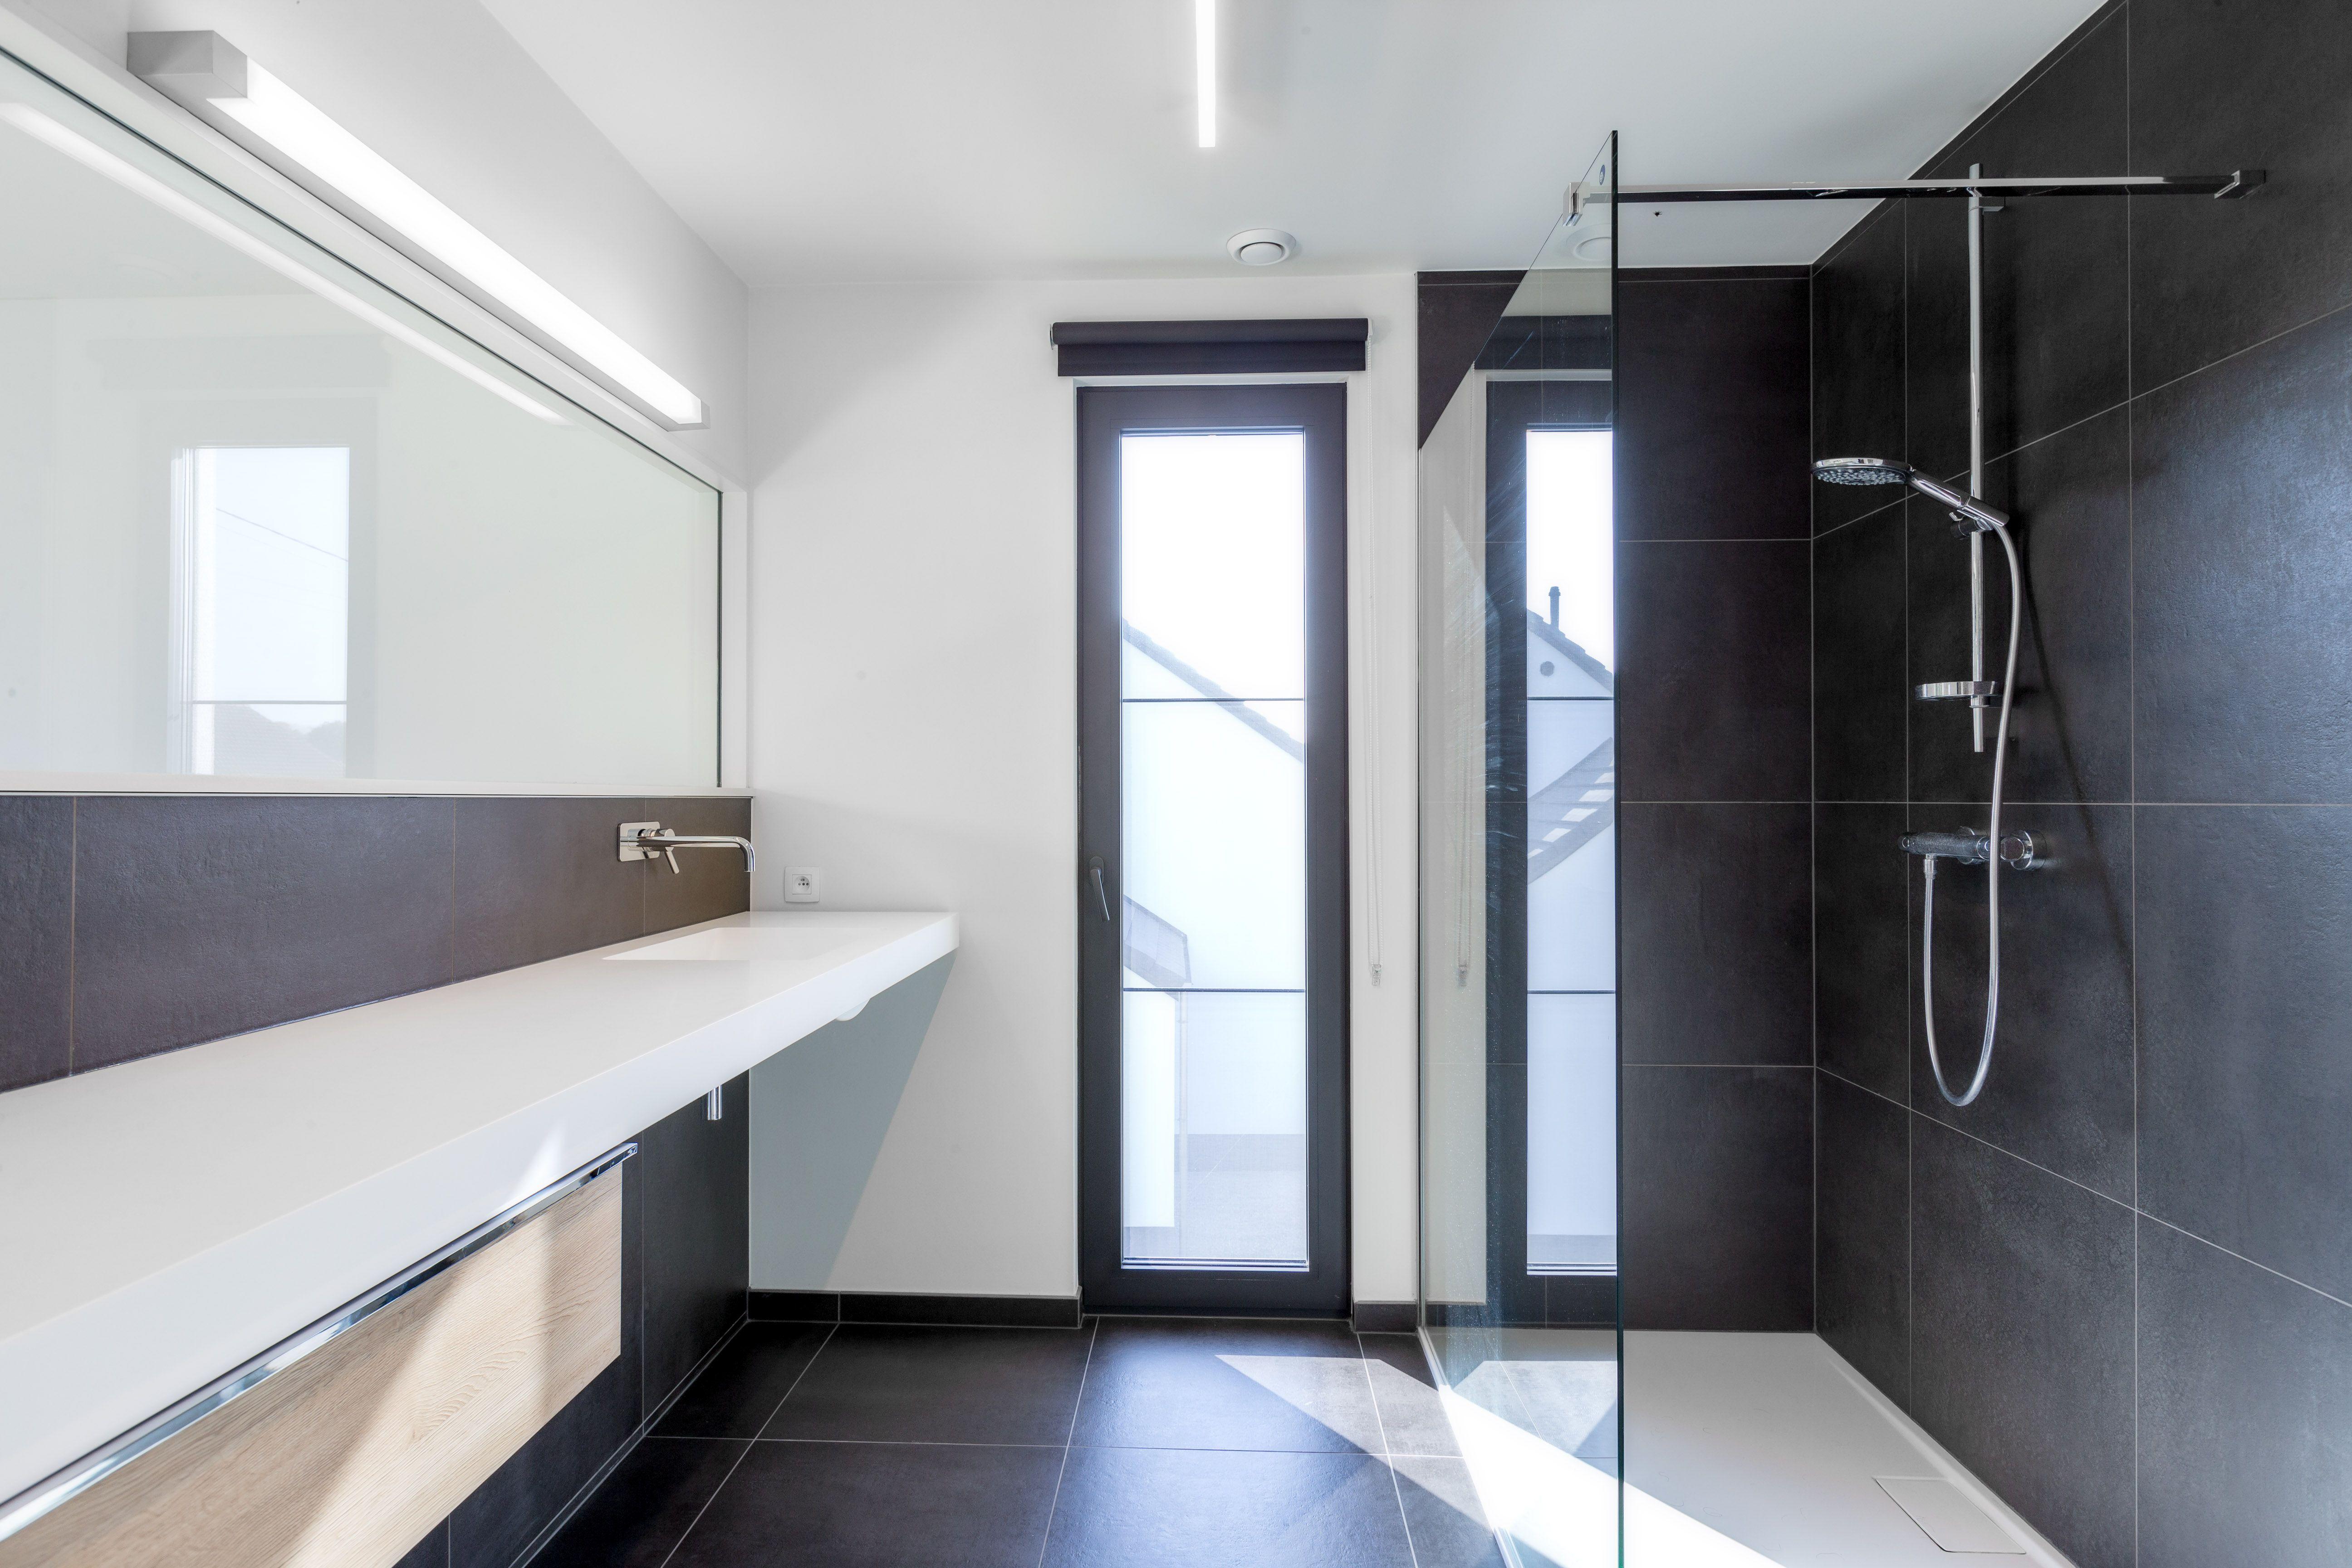 salle de bain moderne avec douche a l italienne et vitre donnant sur chambre